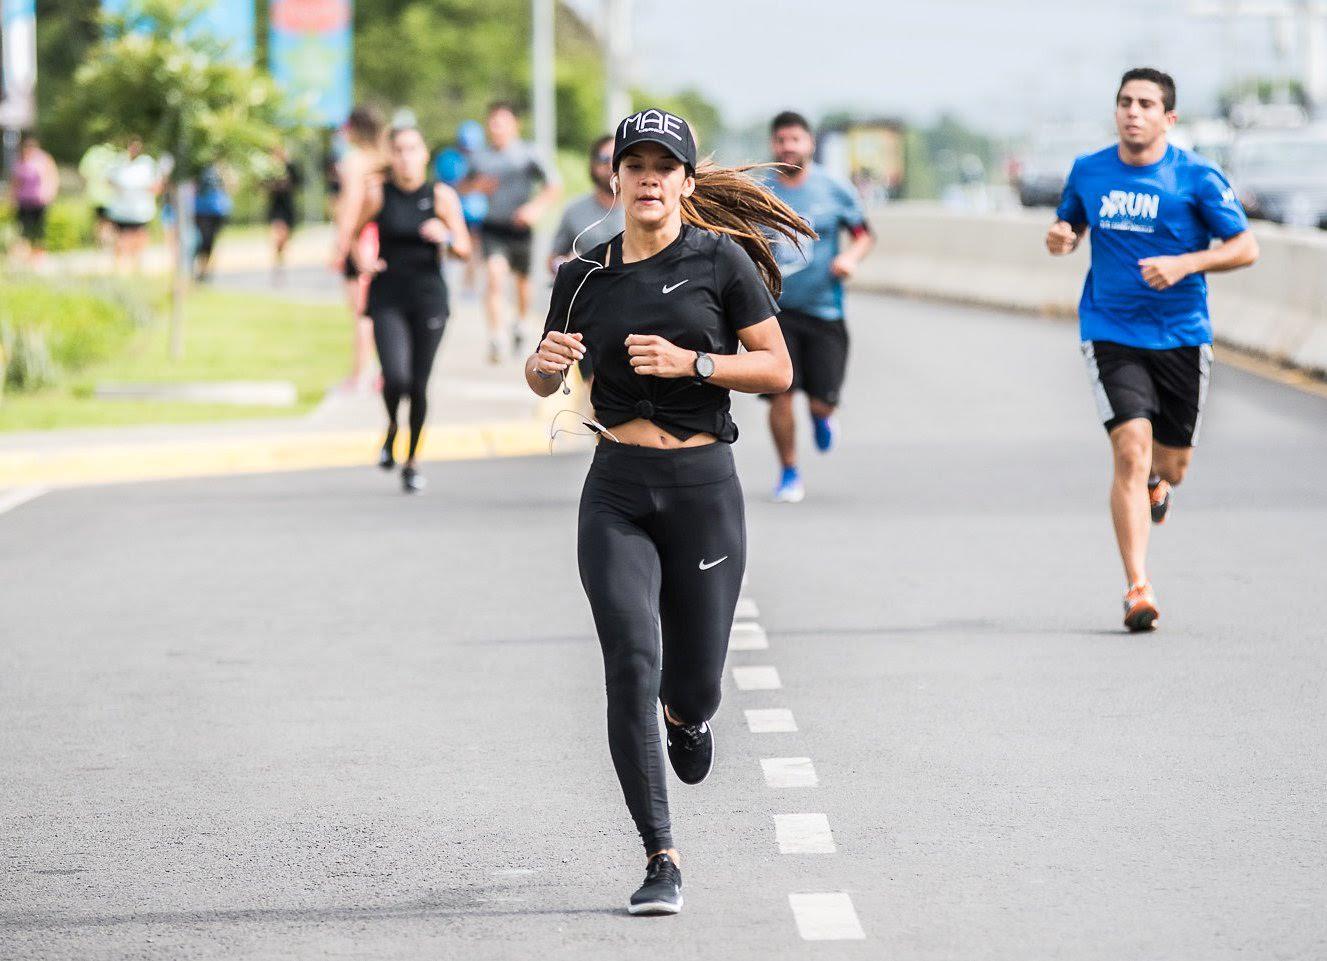 Entrenamiento gratuito para corredores-Nike premiará su esfuerzo y rapidez